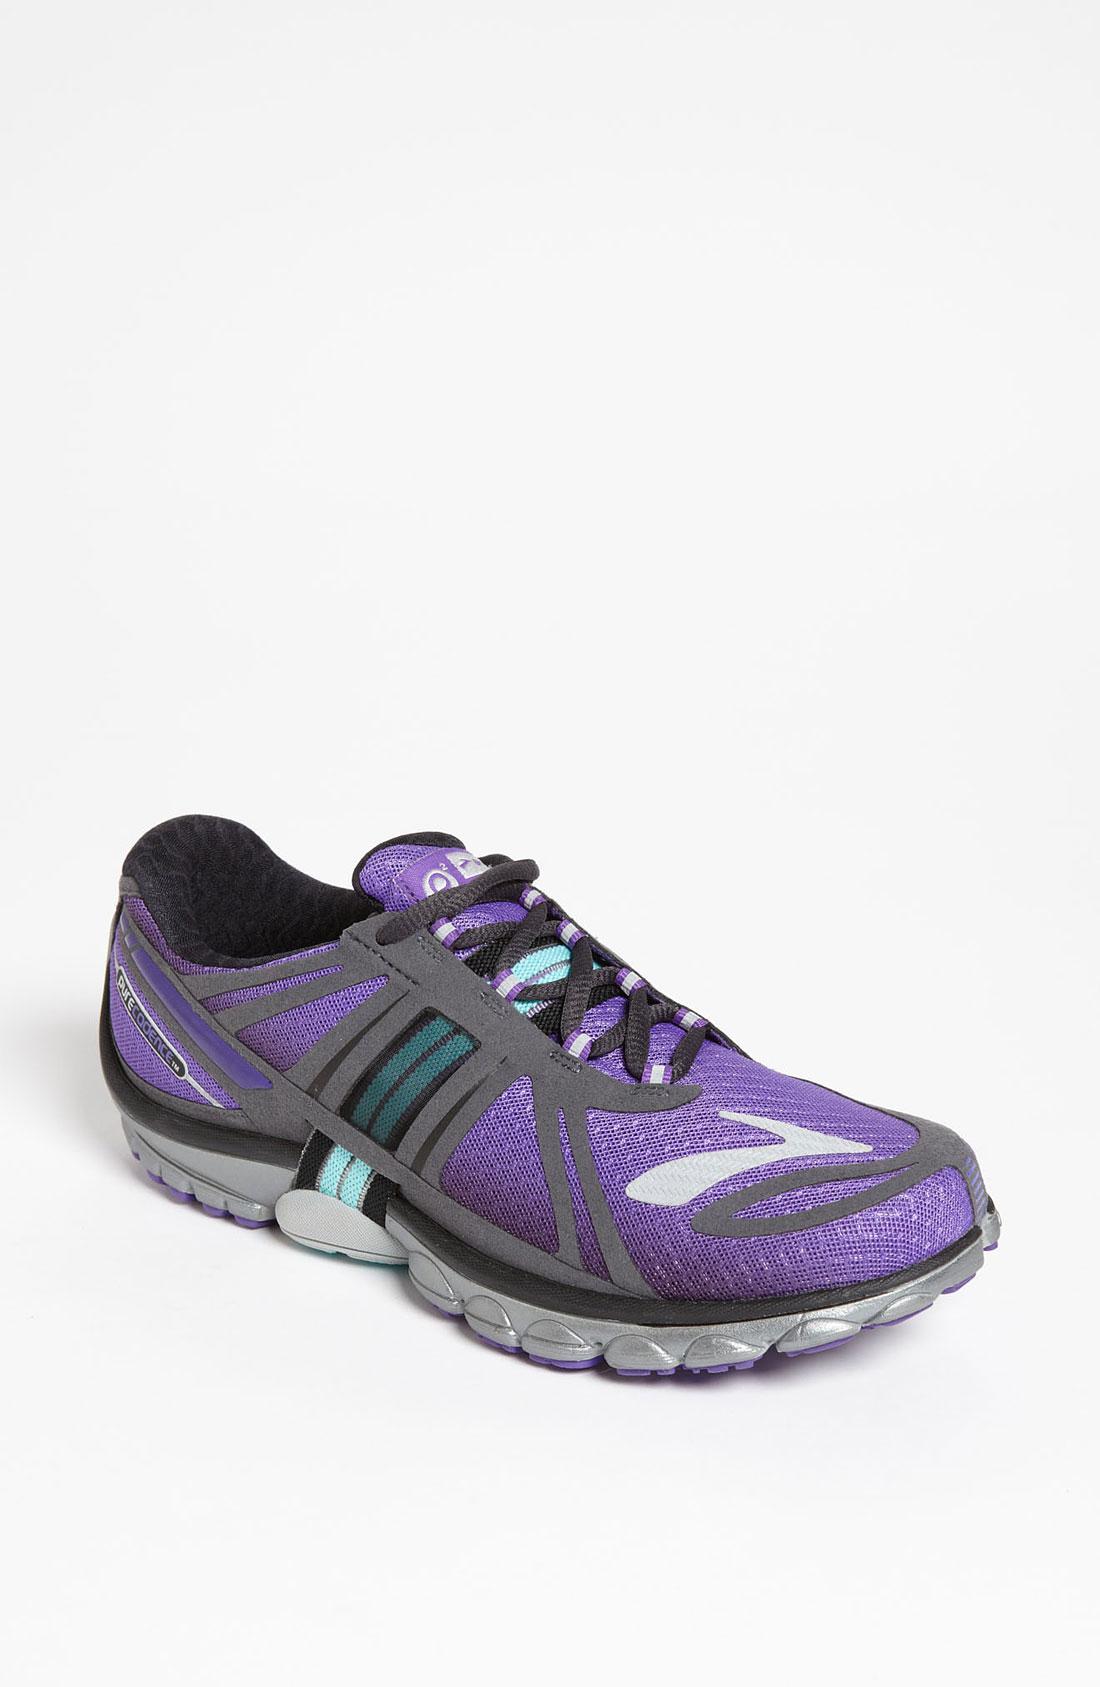 Brooks Cadence Womens Shoe